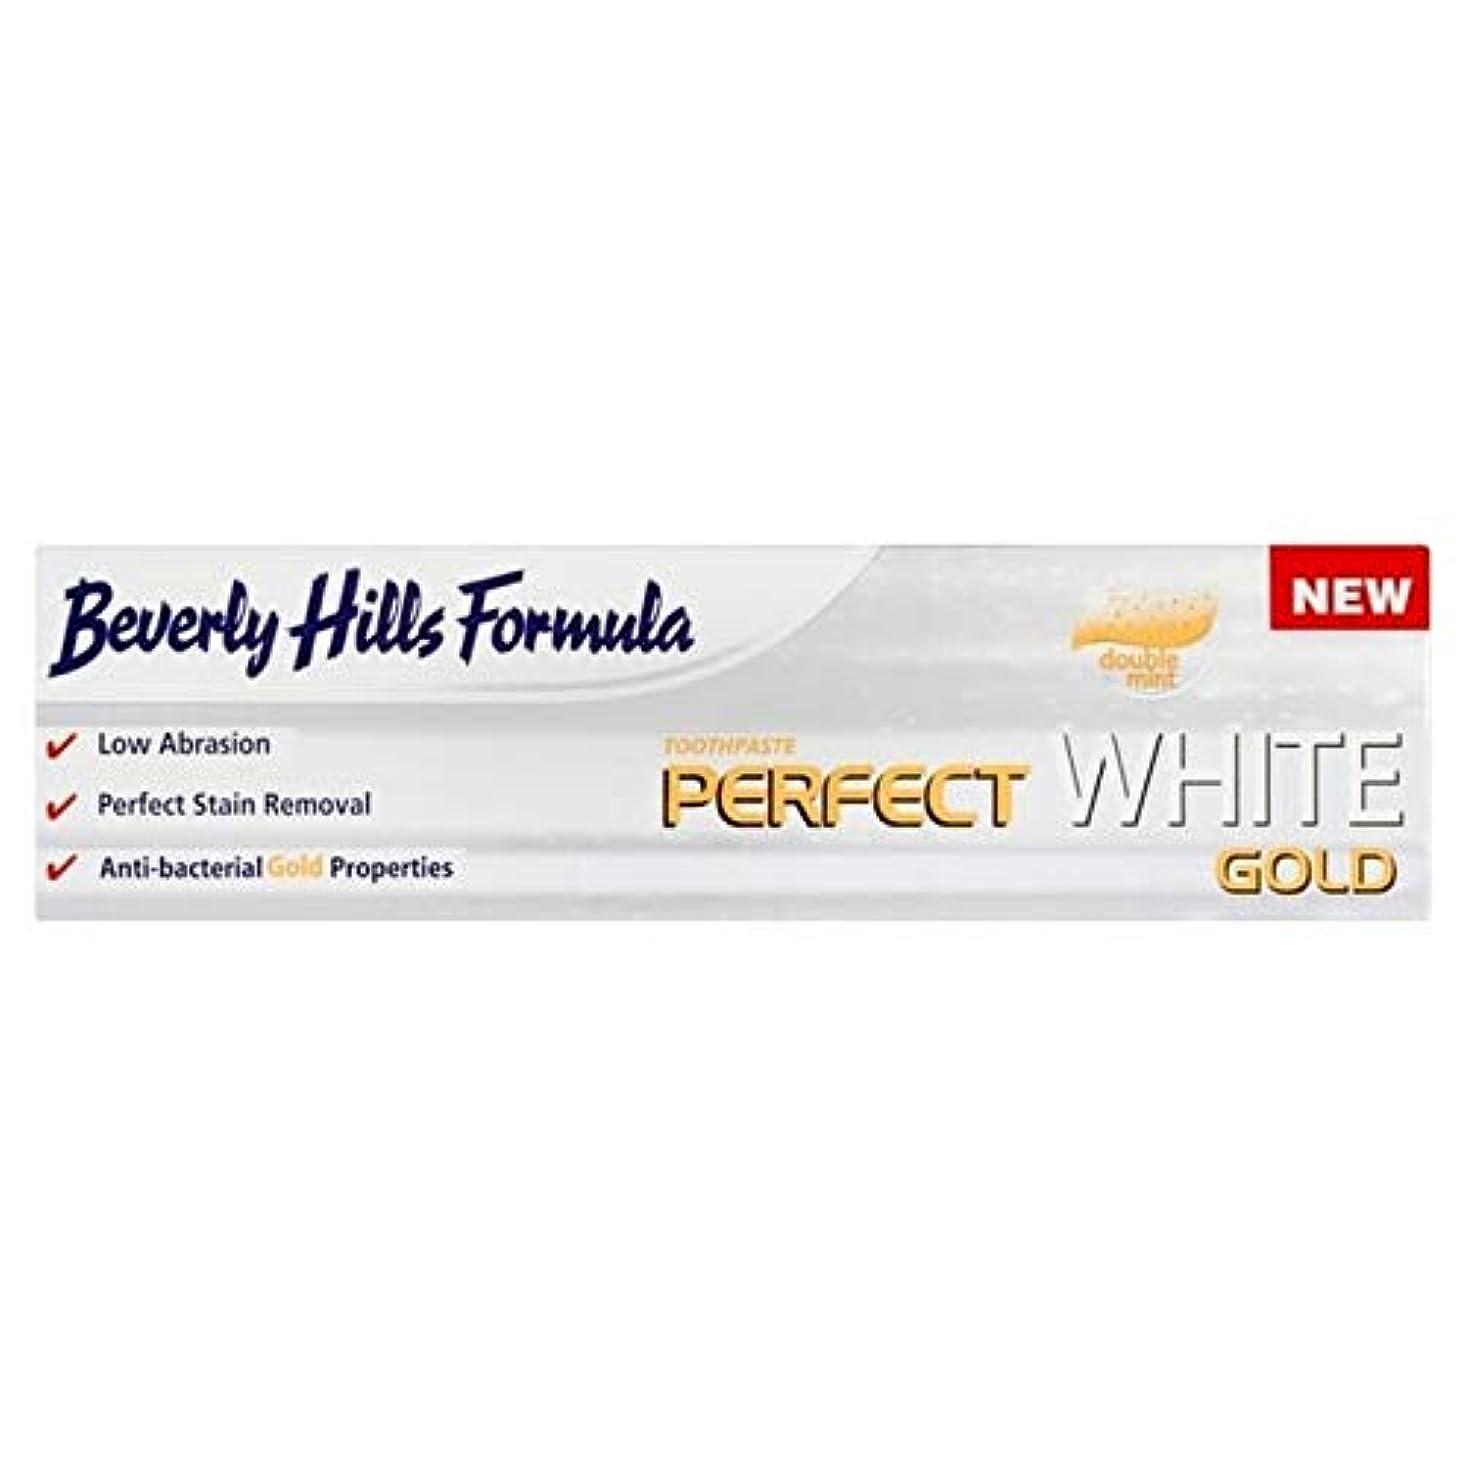 学習ぴかぴかオープナー[Beverly Hills ] ビバリーヒルズ公式パーフェクトホワイトゴールドの100ミリリットル - Beverly Hills Formula Perfect White Gold 100ml [並行輸入品]